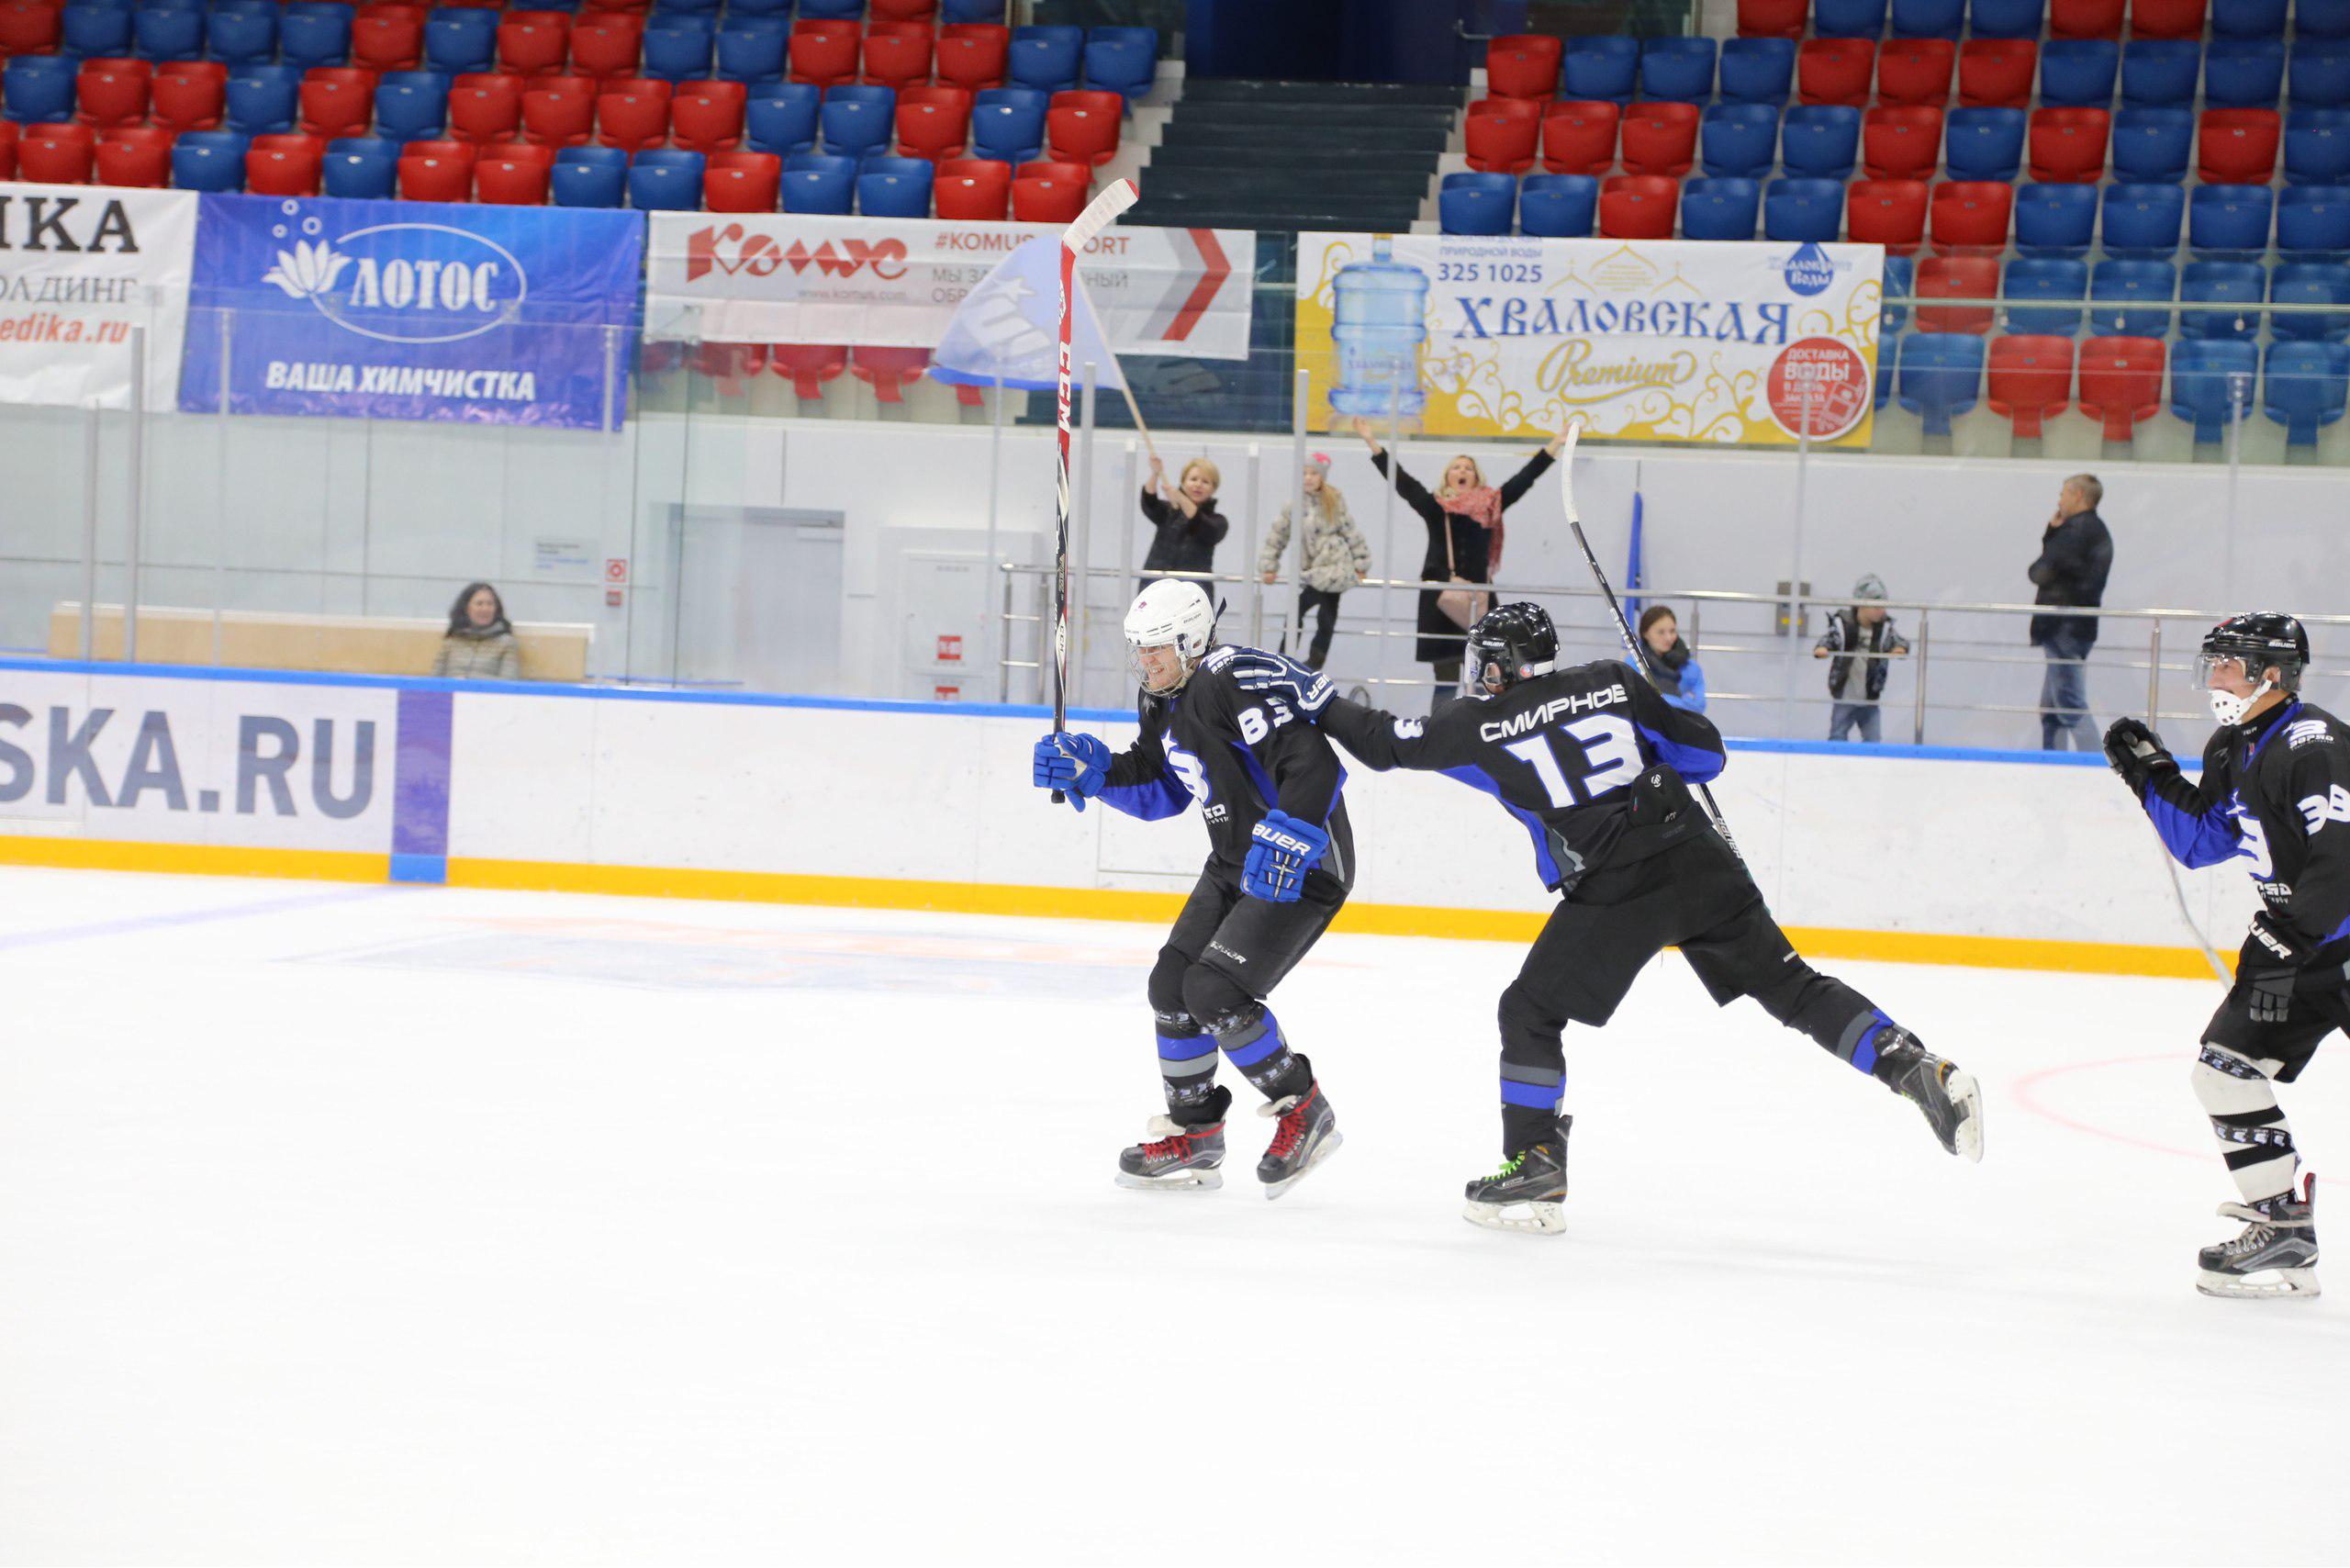 набор в хоккейную команду